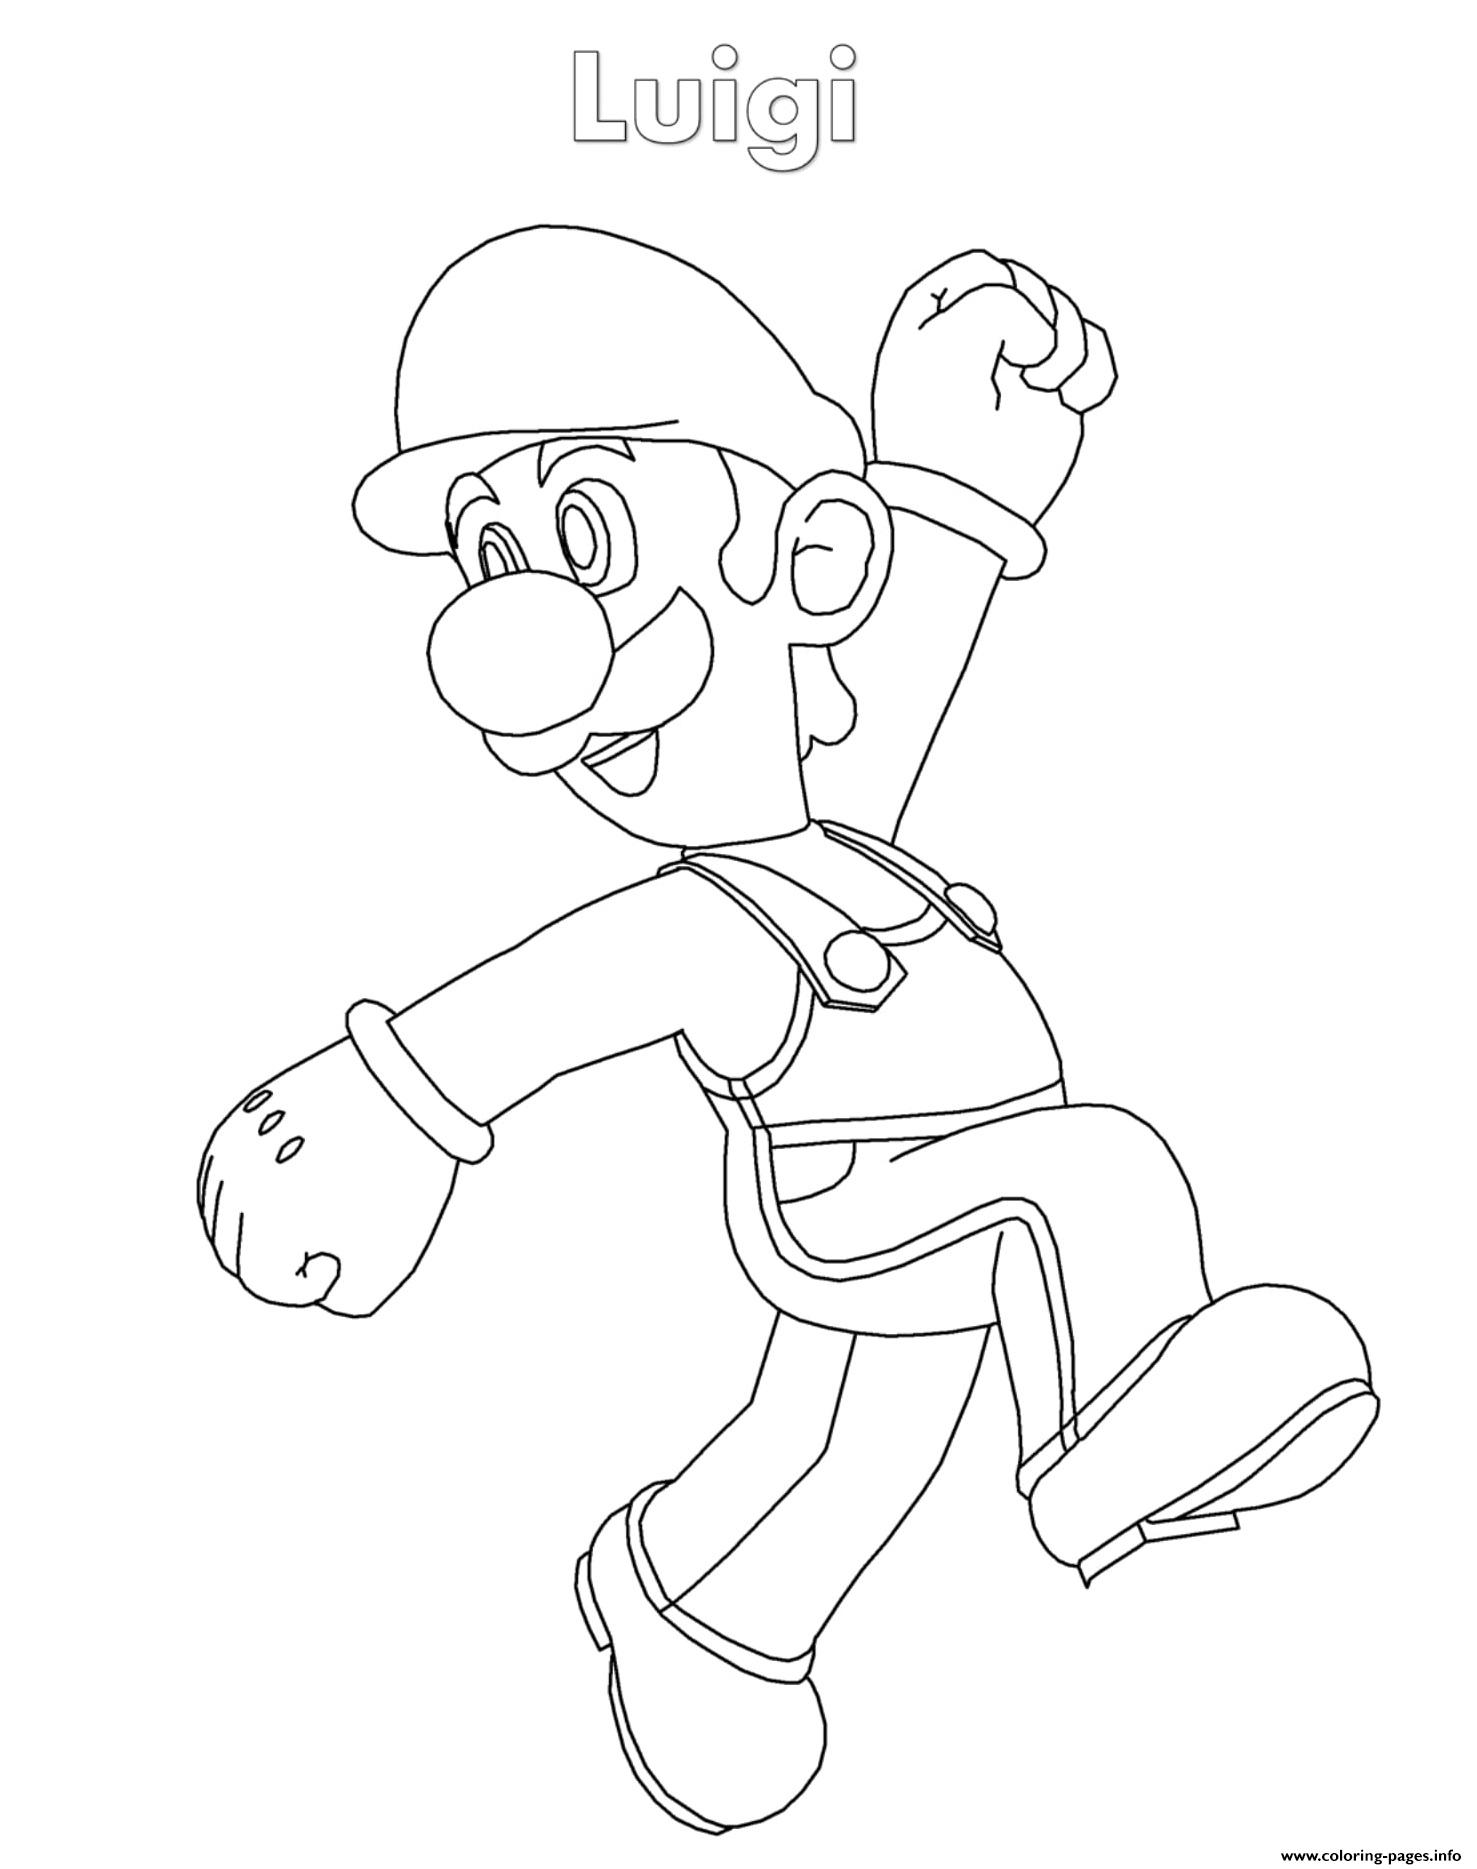 Luigi Super Mario Nintendo Coloring Pages Printable